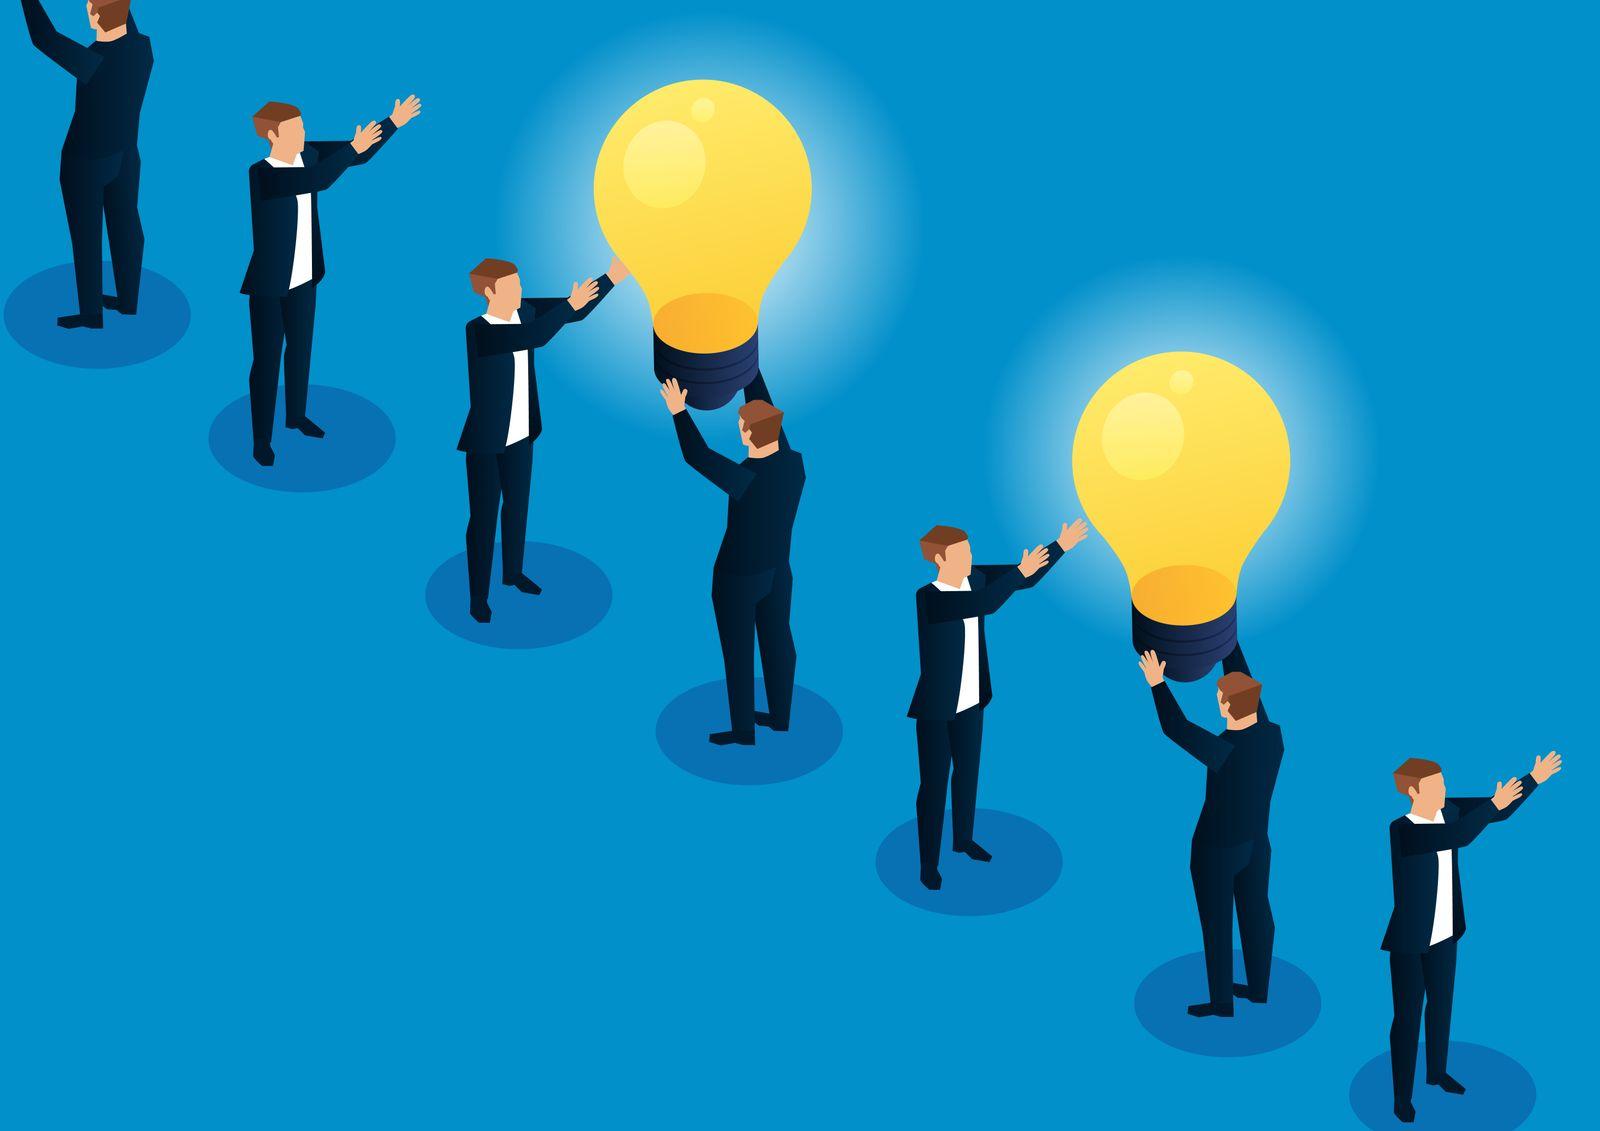 Transmitting light bulbs between merchants